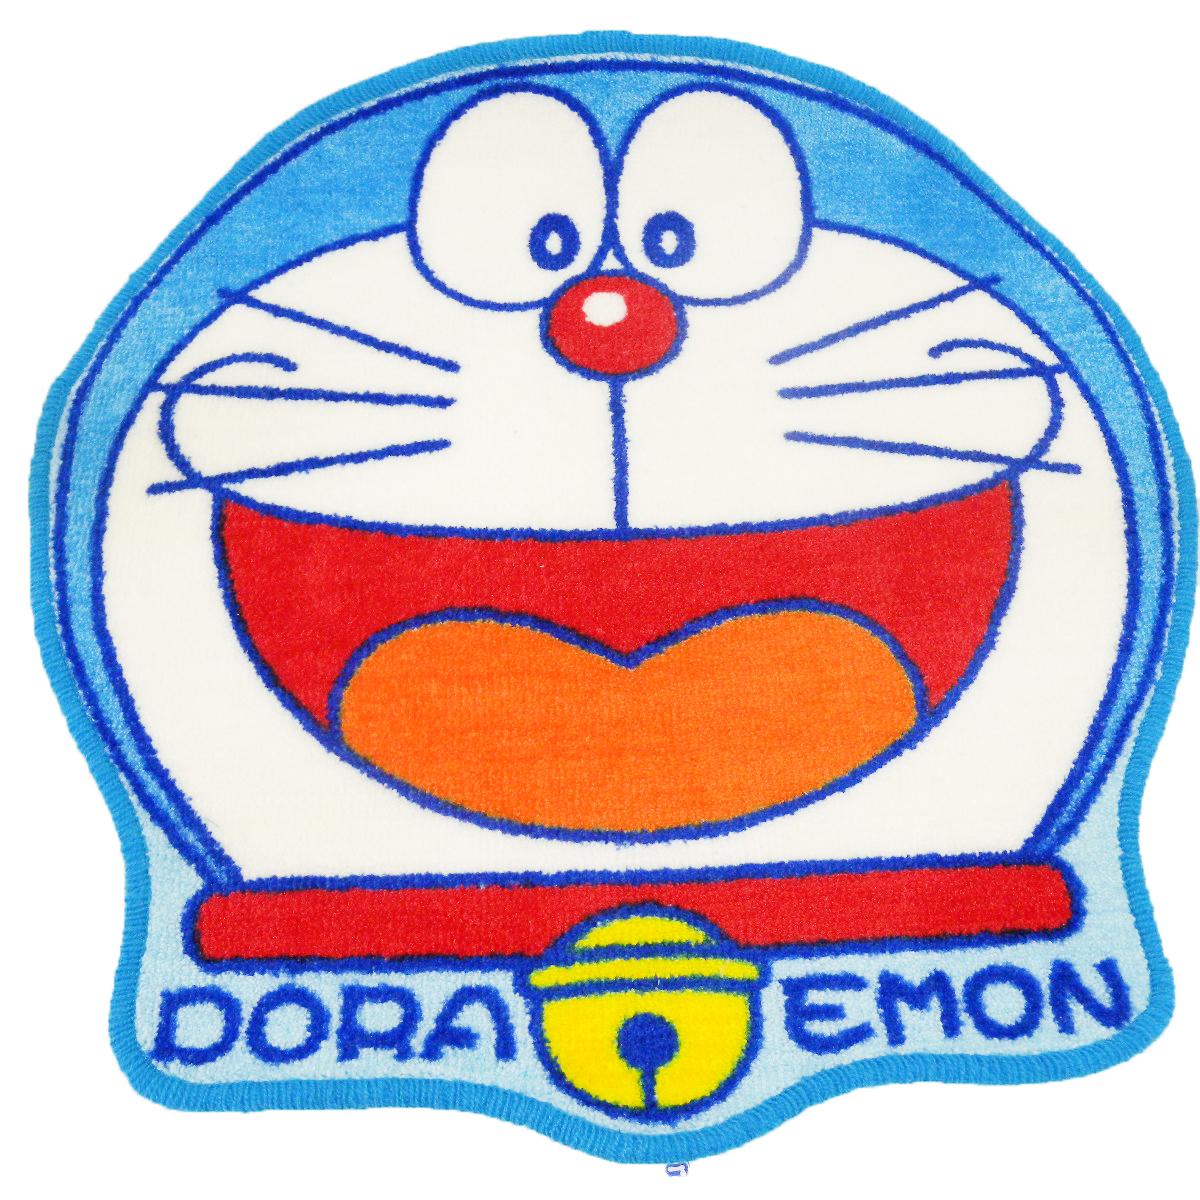 【真愛日本】14092900001 造型止滑地墊-大臉開嘴笑  Doraemon 哆啦A夢 小叮噹 墊子 踩踏墊